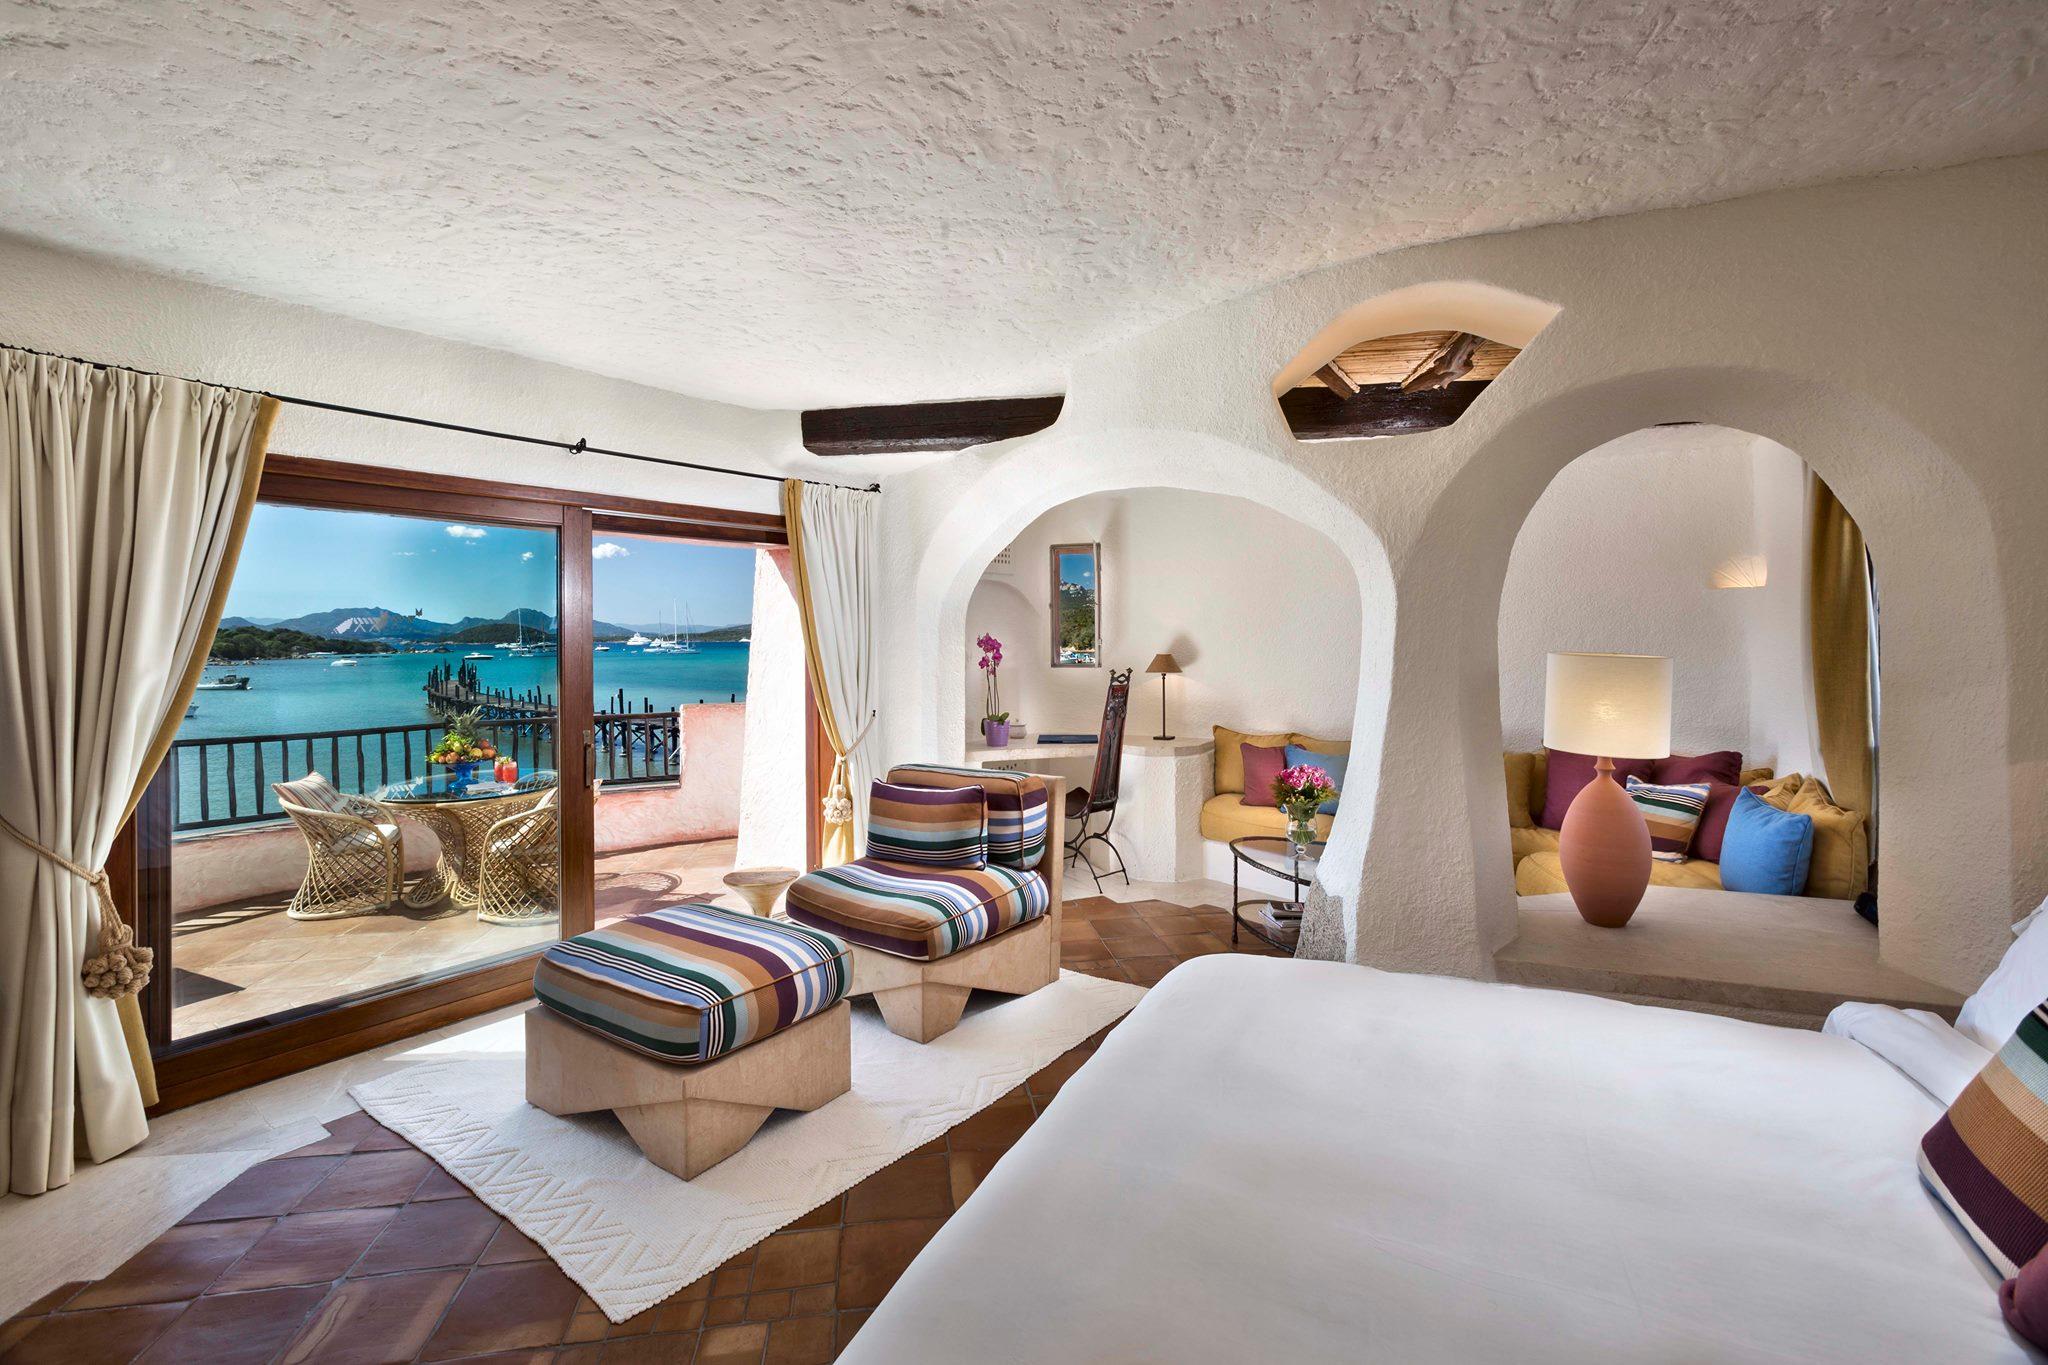 Arredamento Stile Mediterraneo : Hotel di lusso quando l arredamento è tutto snap italy